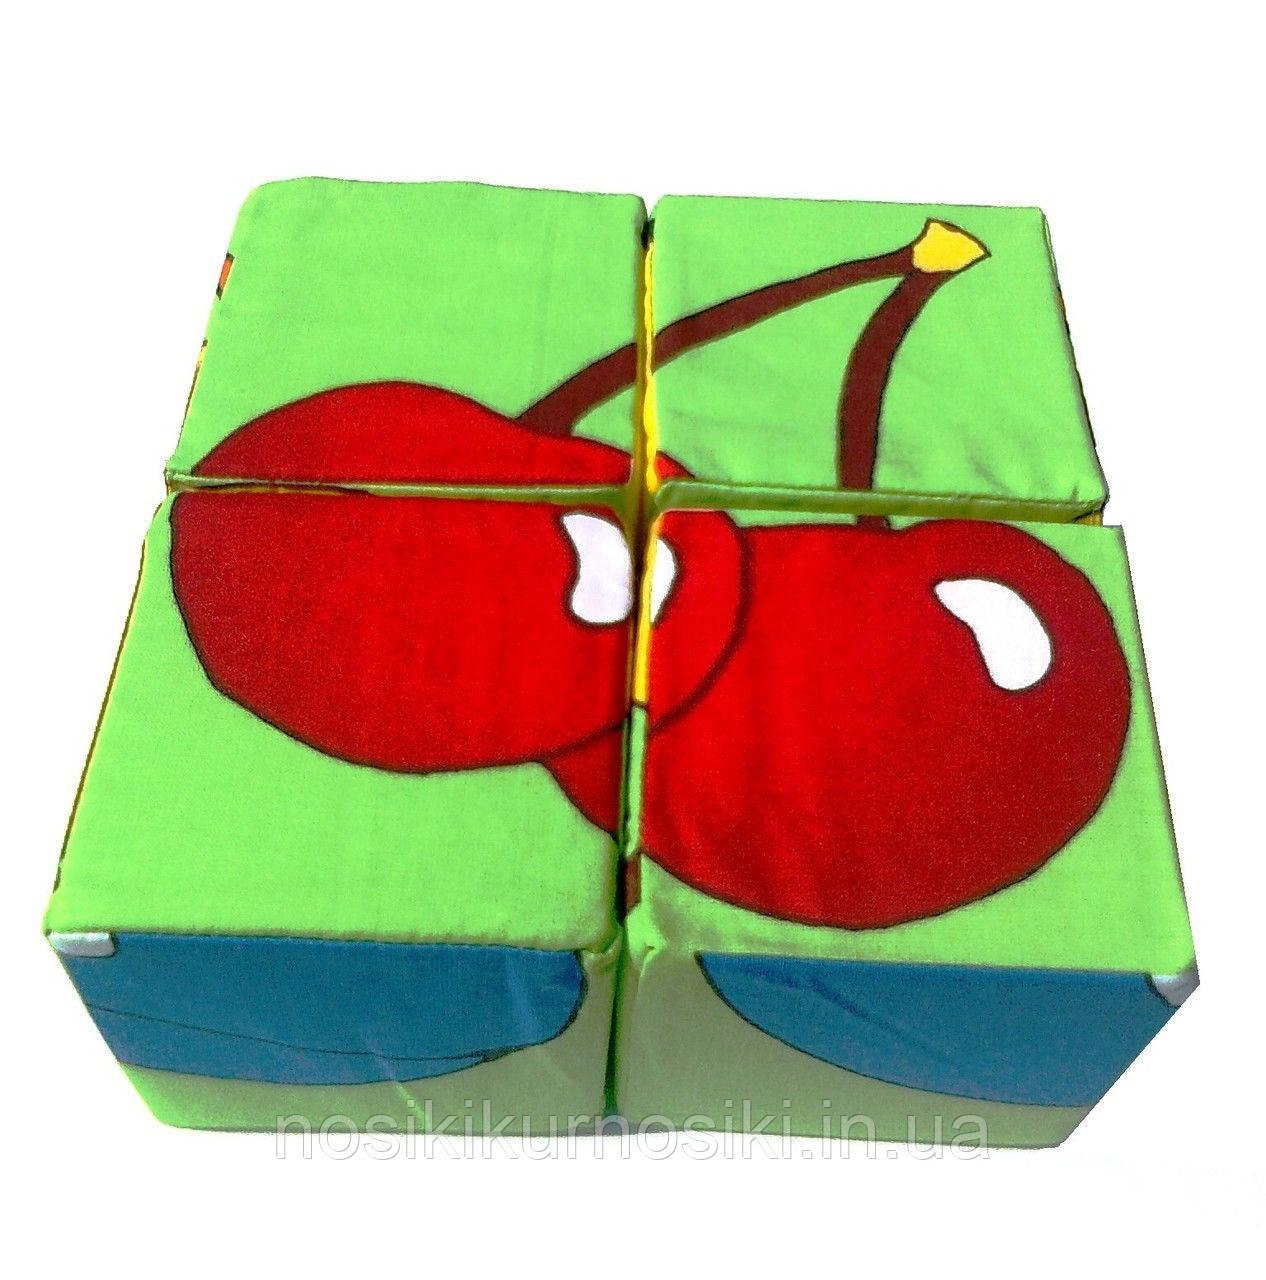 Розвиваючі м'які кубики Розумна іграшка Фрукти